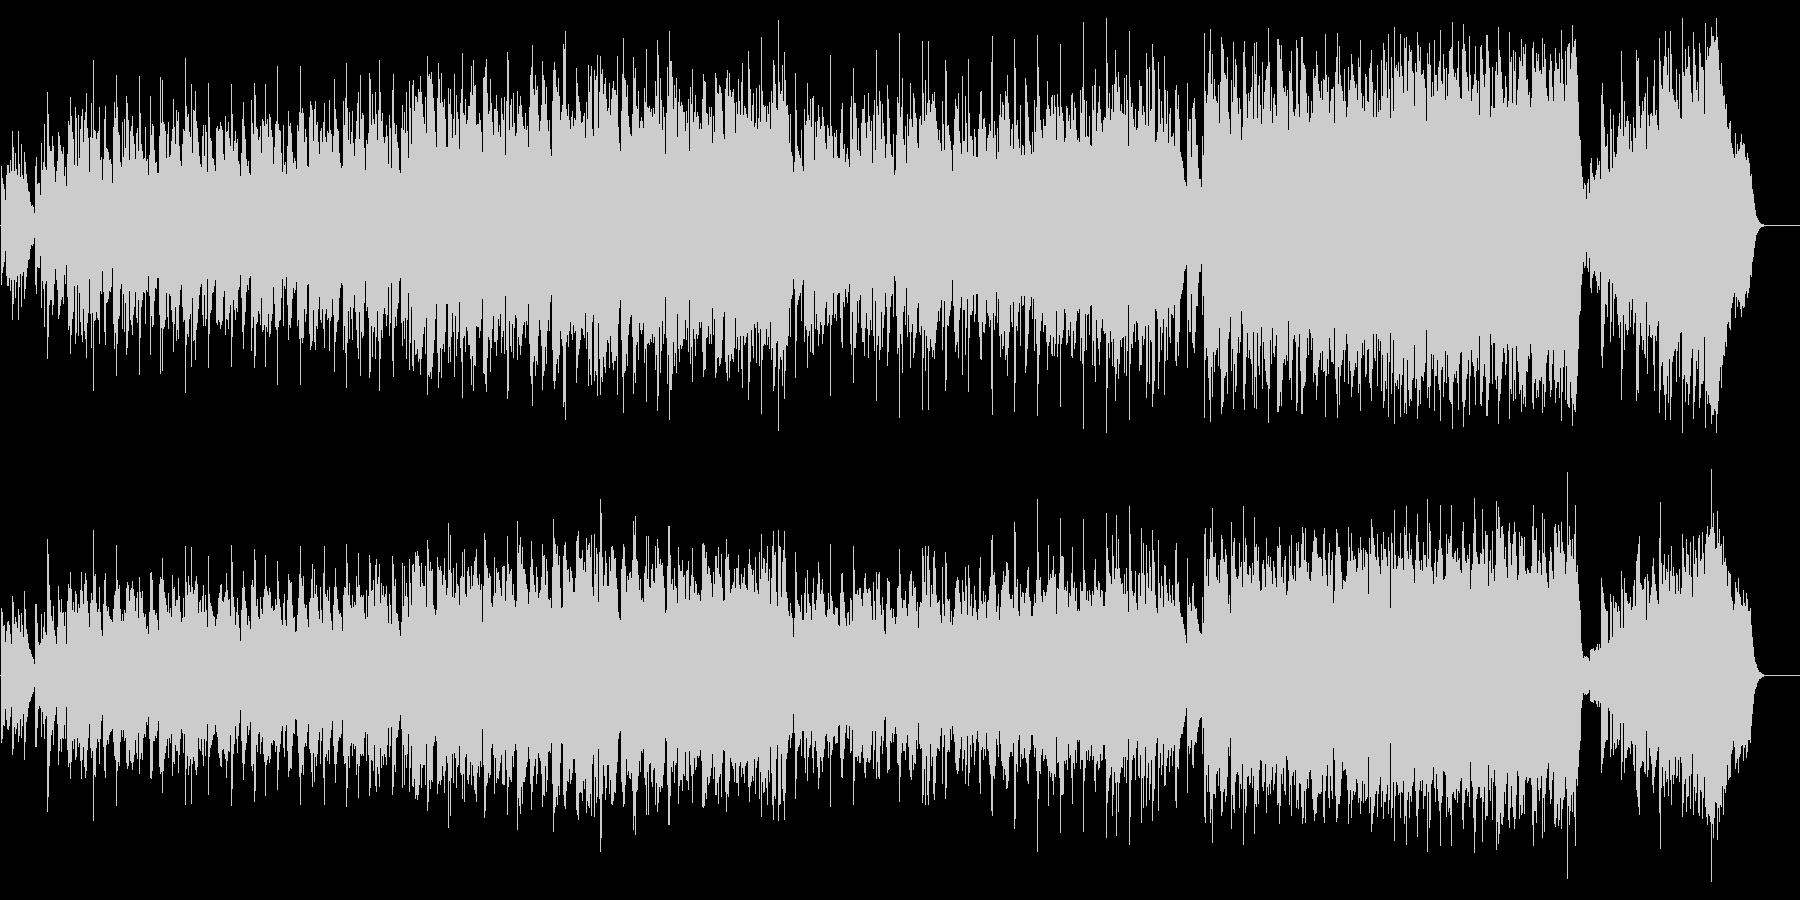 祭典向きウェディング風のバラードの未再生の波形